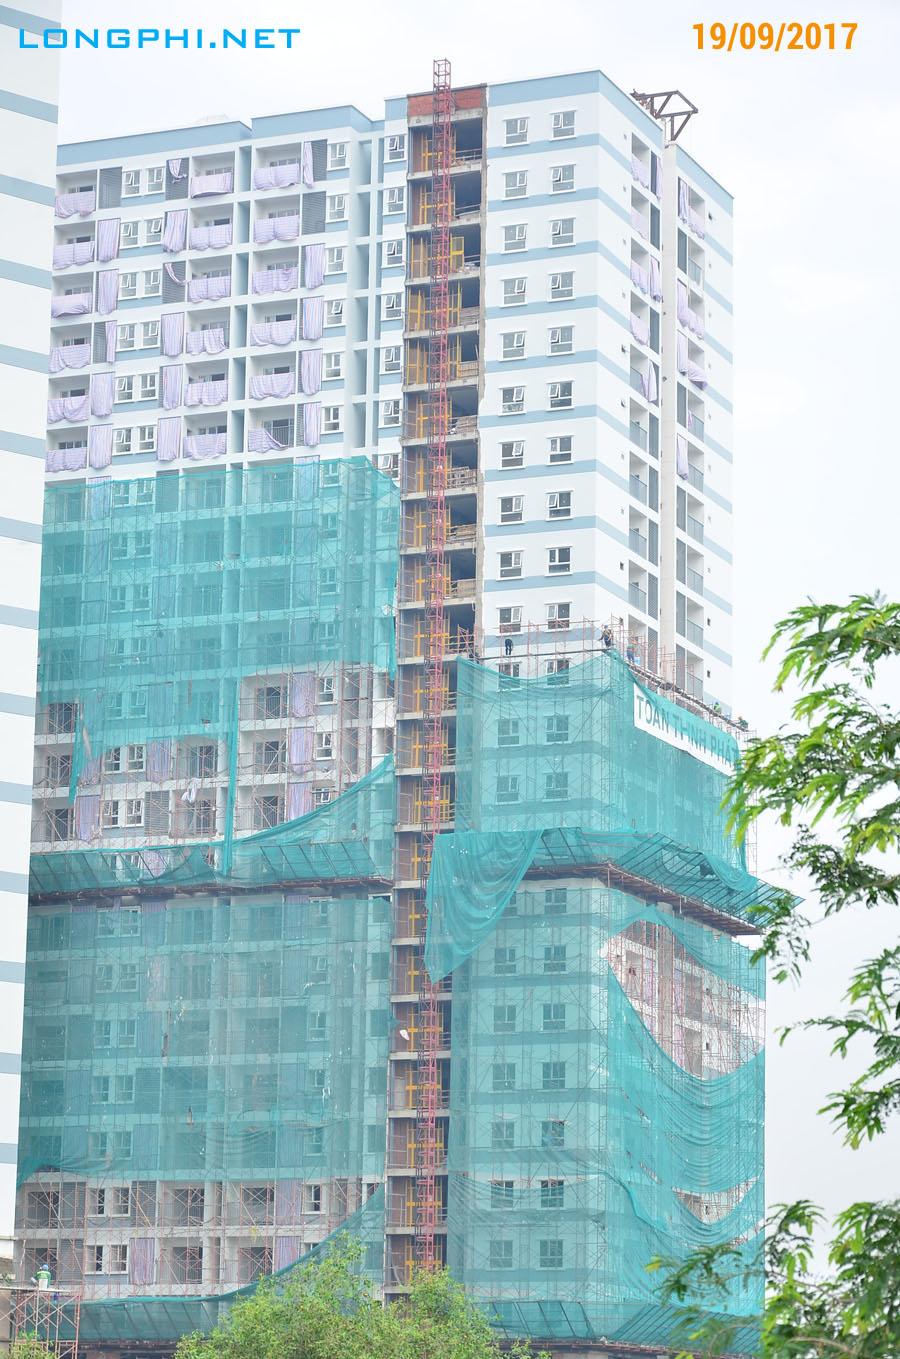 Mặt trong tháp Bắc M1: Công tác thi công hoàn thiện ngoài 19/09/2017.